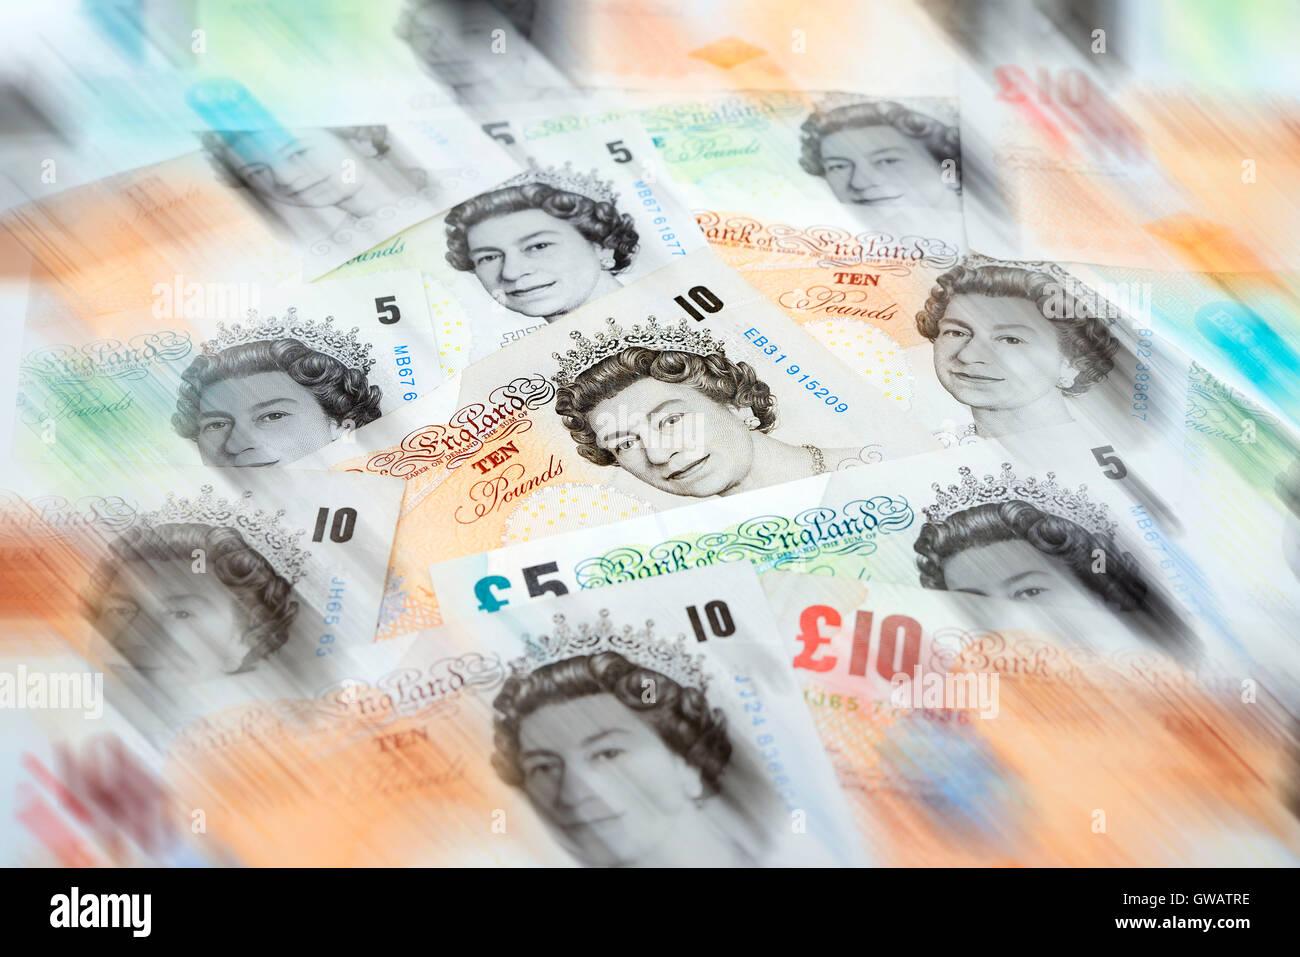 British pound marks, Britische Pfundnoten - Stock Image